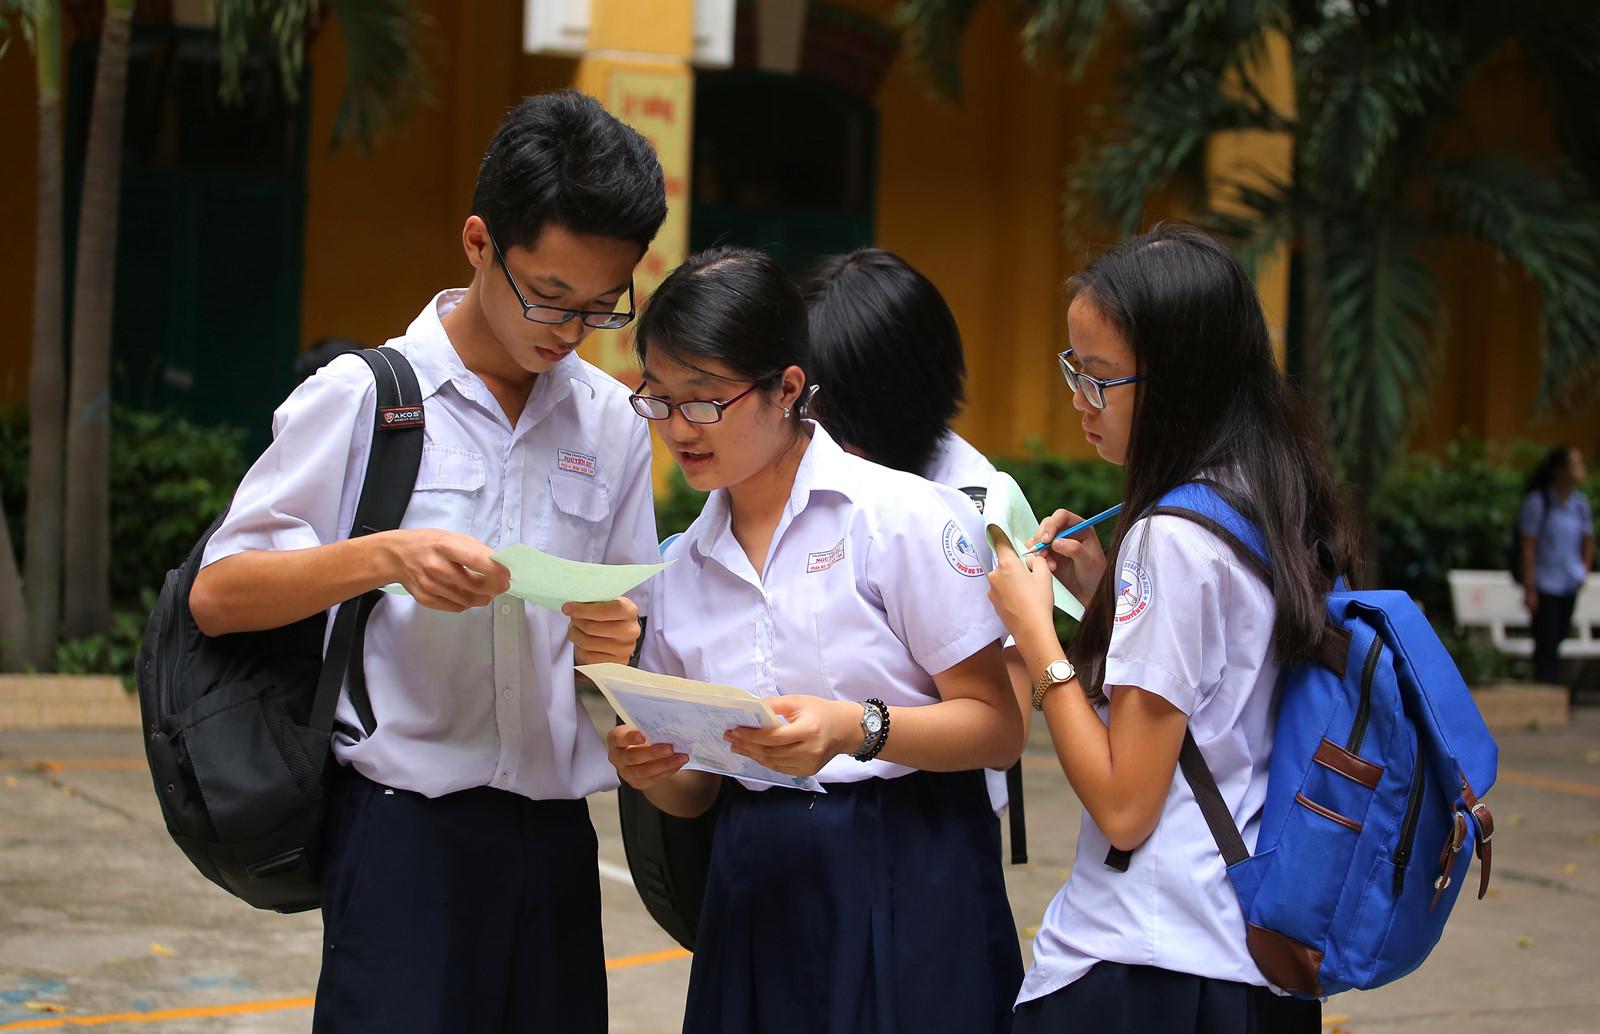 Bỏ cộng điểm khuyến khích vào lớp 10: Chưa phù hợp nếu áp dụng ngay  (09/01/2018)